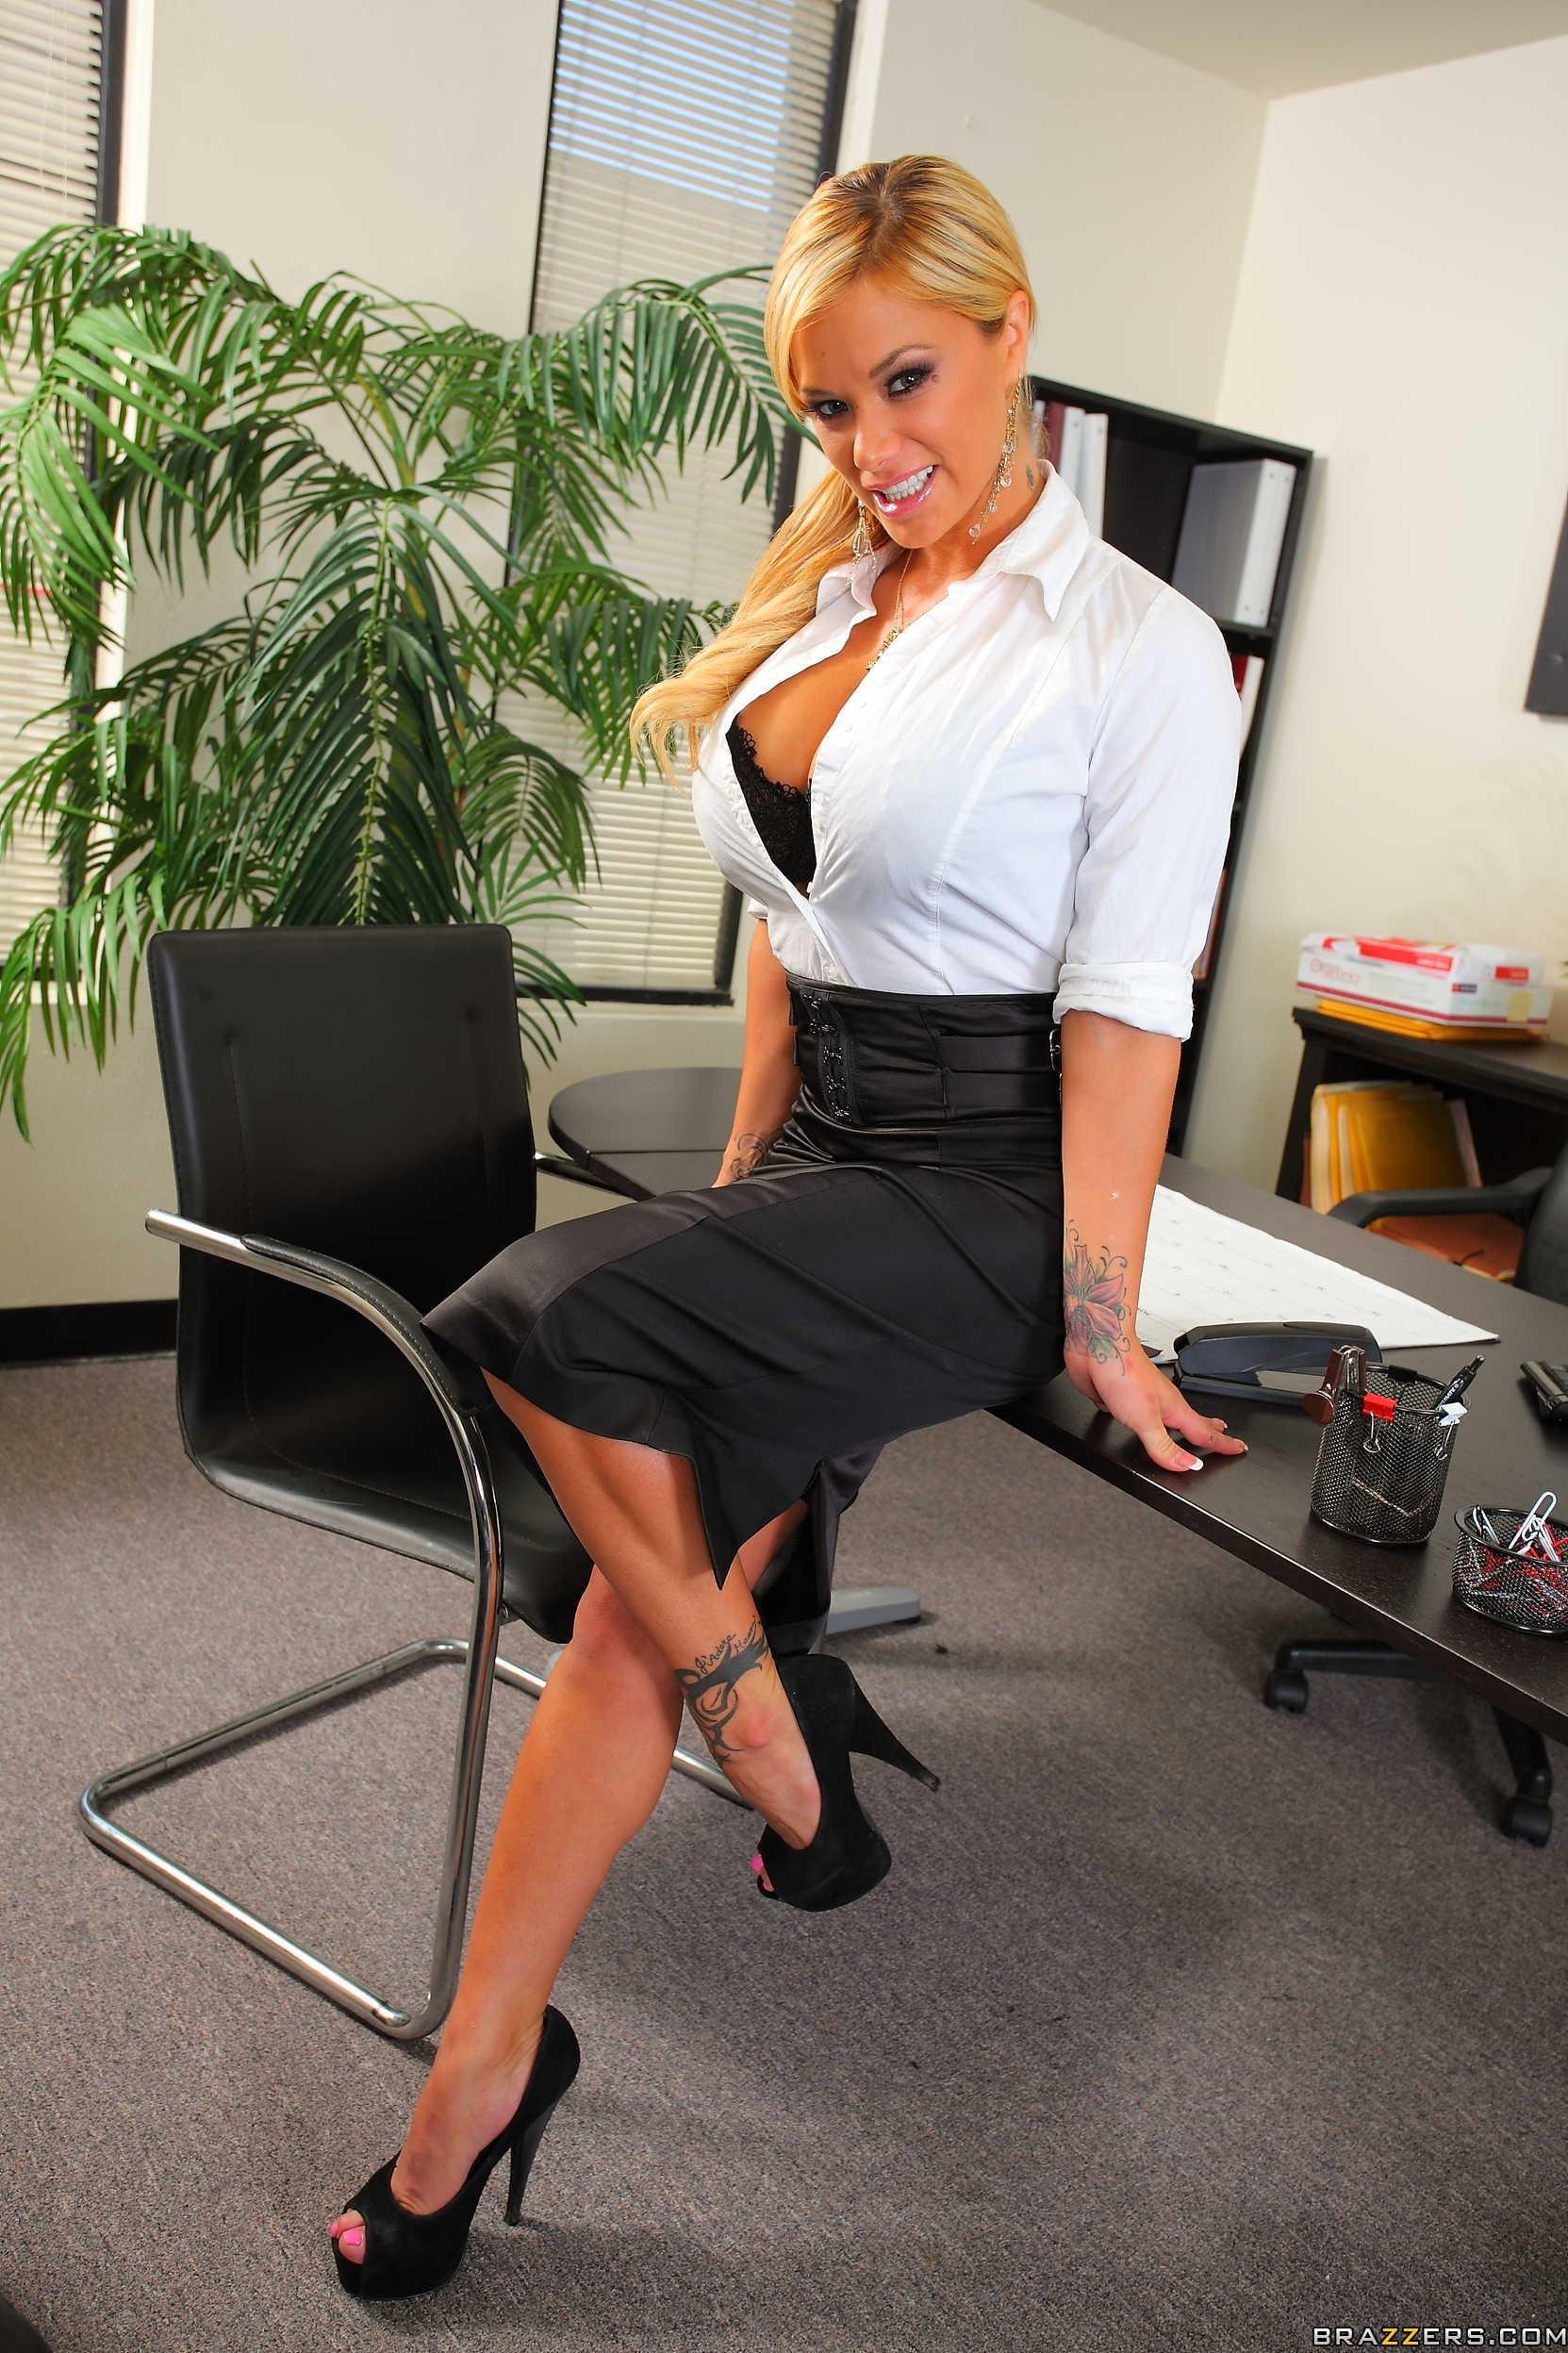 Shyla stylez office sex